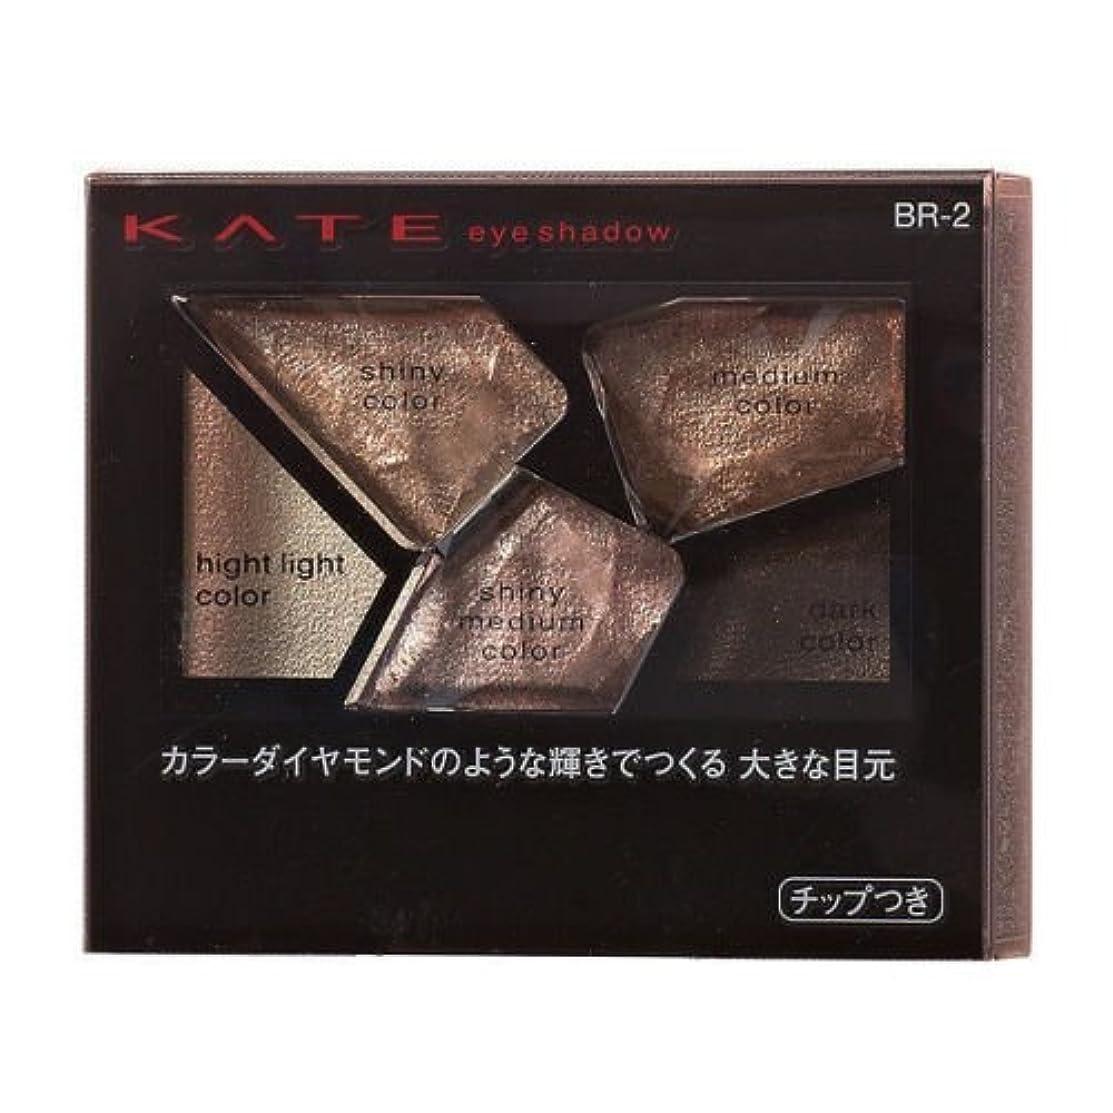 エレガント衝撃世辞【カネボウ】ケイト カラーシャスダイヤモンド #BR-2 2.8g